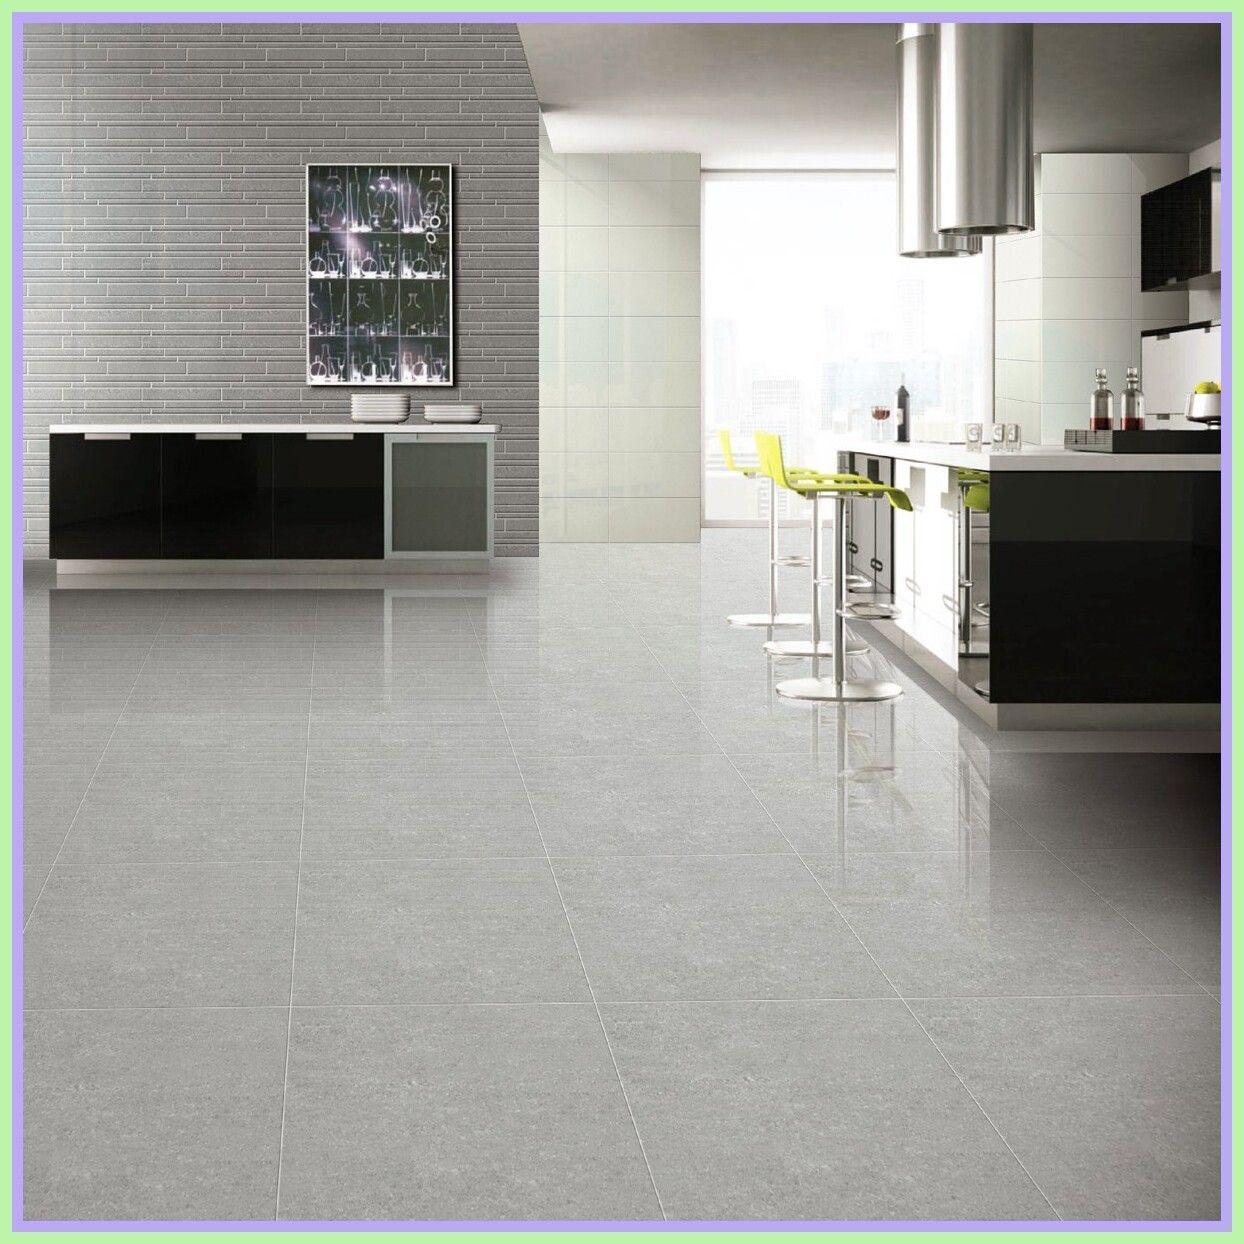 Ceramic Floor Tile Chilo Gray Interior Ceramic Floor Tile Chilo Gray Interior Please Click Link To Find